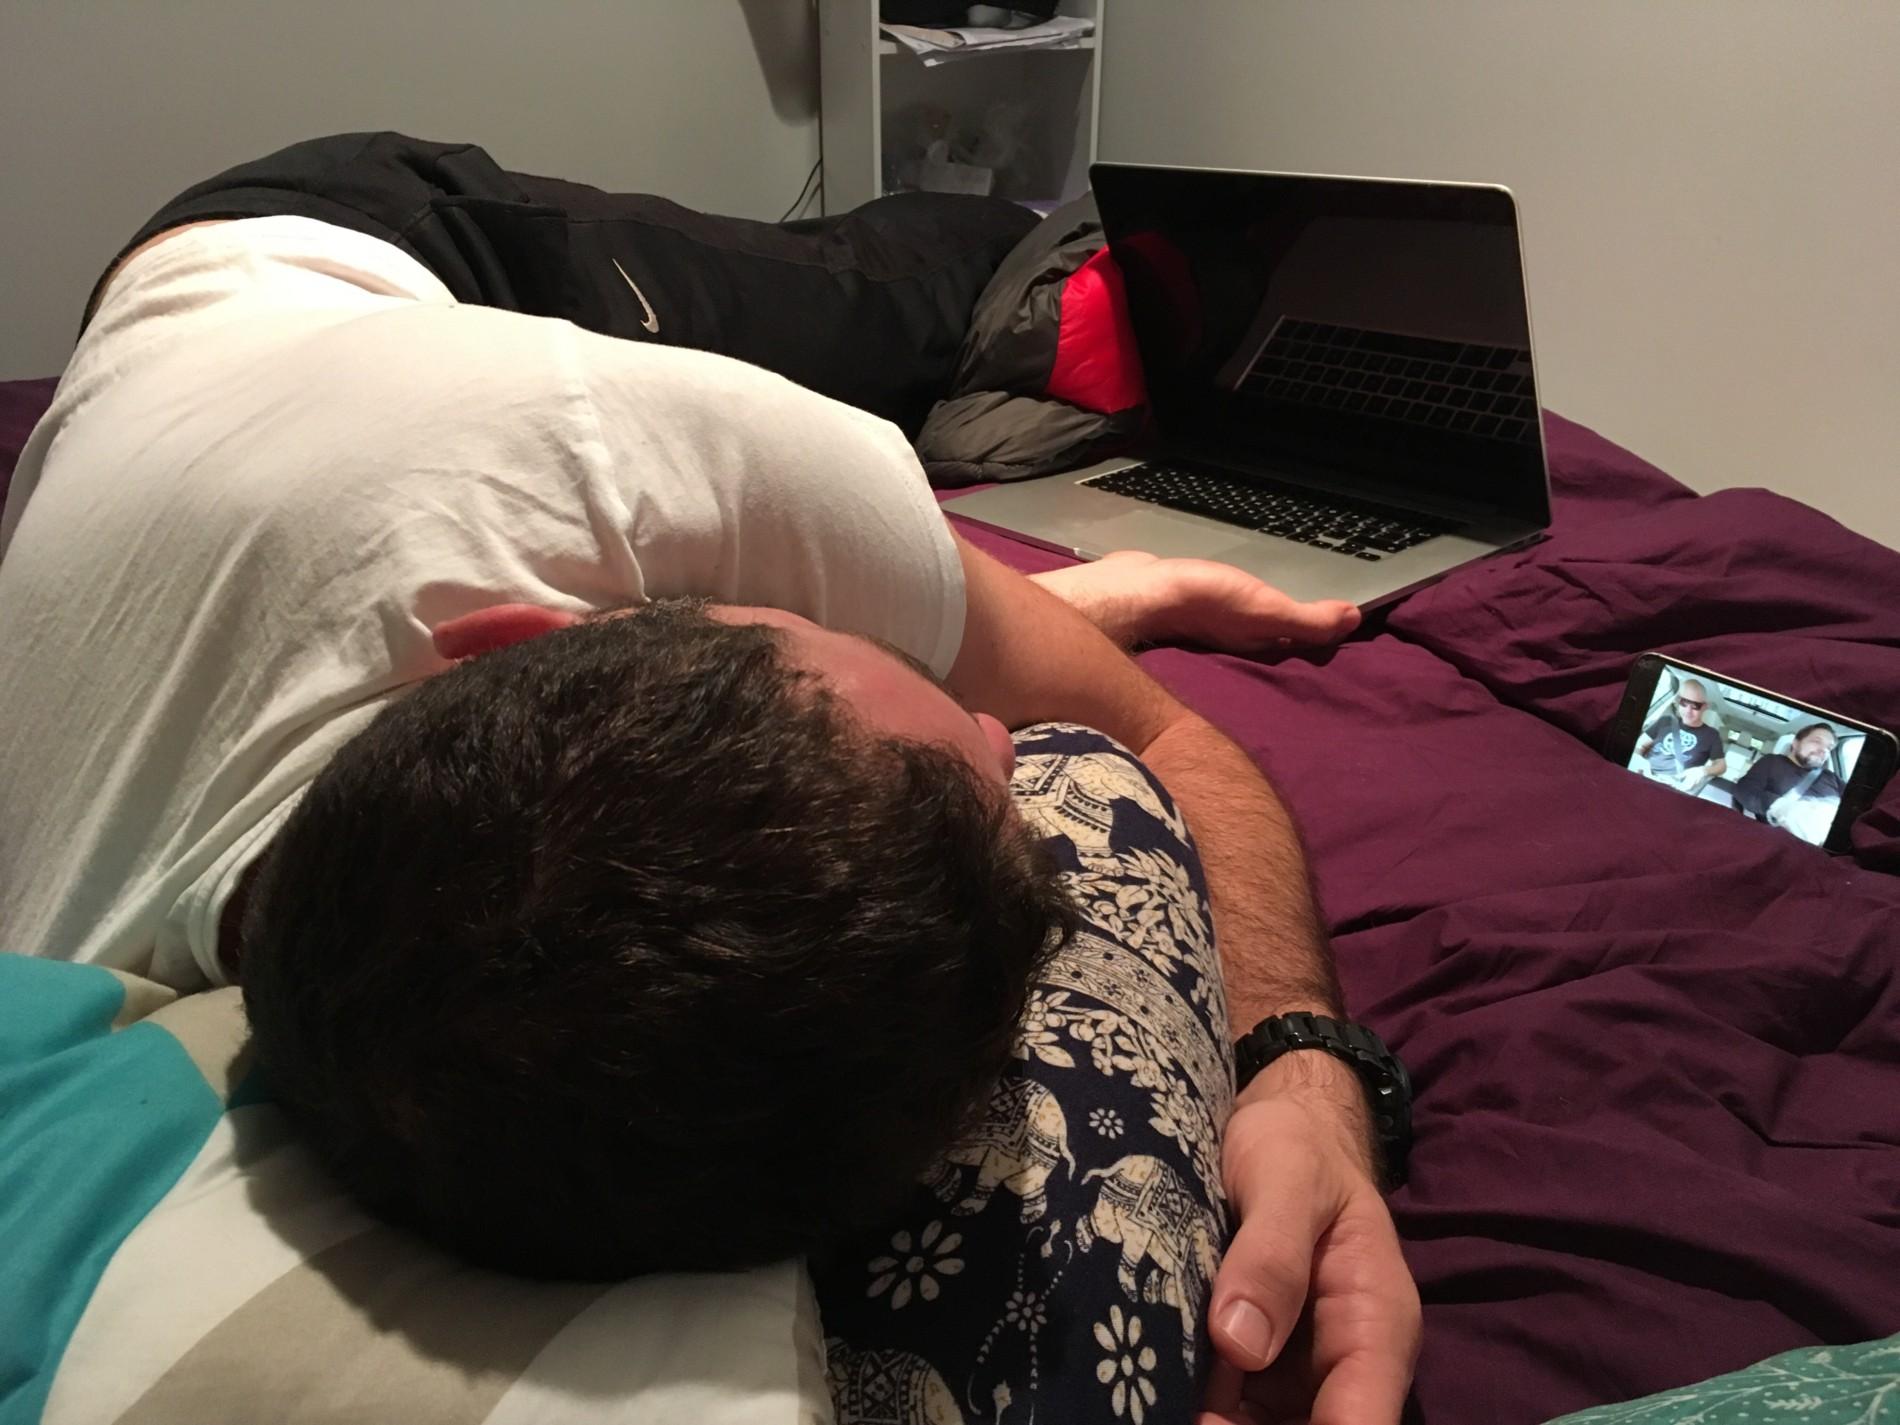 je to správněj ajťák. Má puštěný video na mobilu, ve skutečnosti spí, ale jednou rukou si u toho drží svůj počítač :D